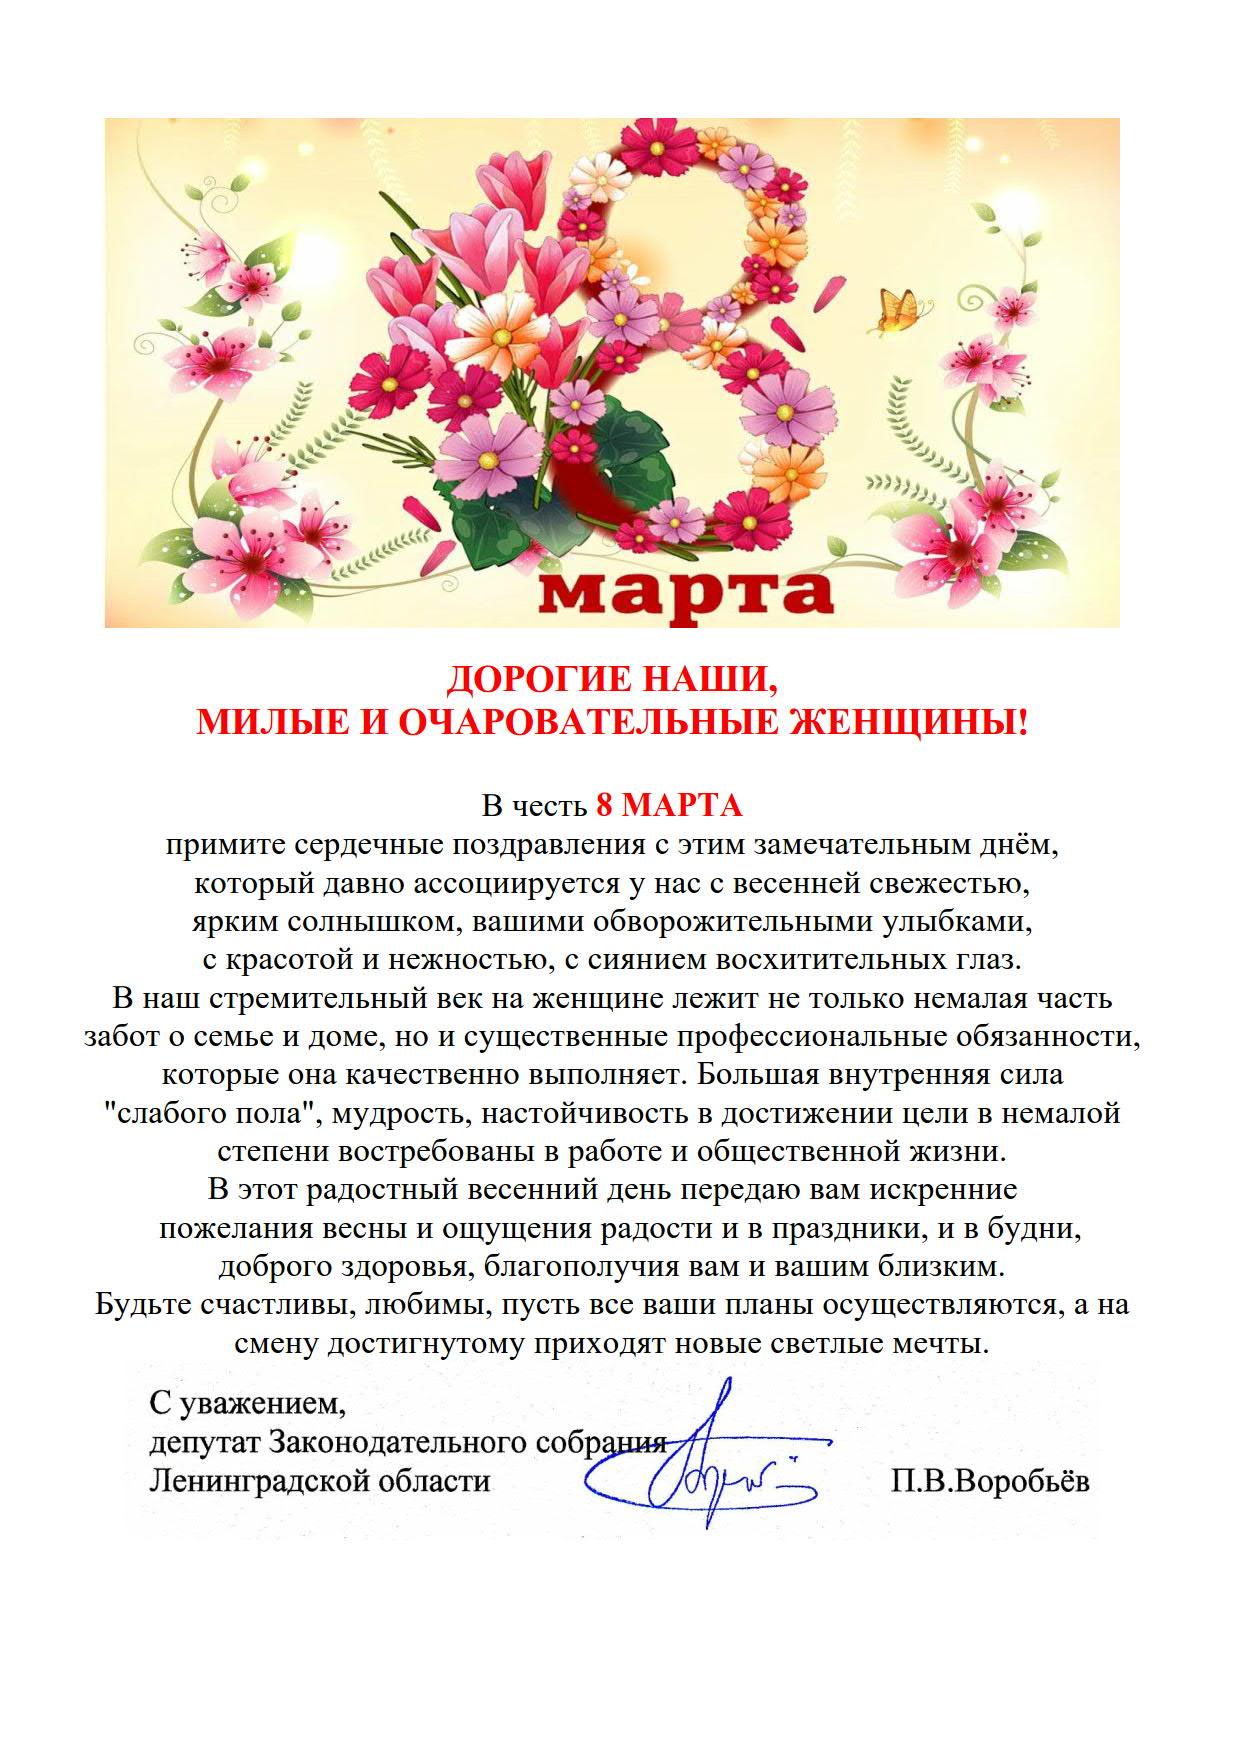 Поздравление П.В. Воробьева с 8 Марта._1